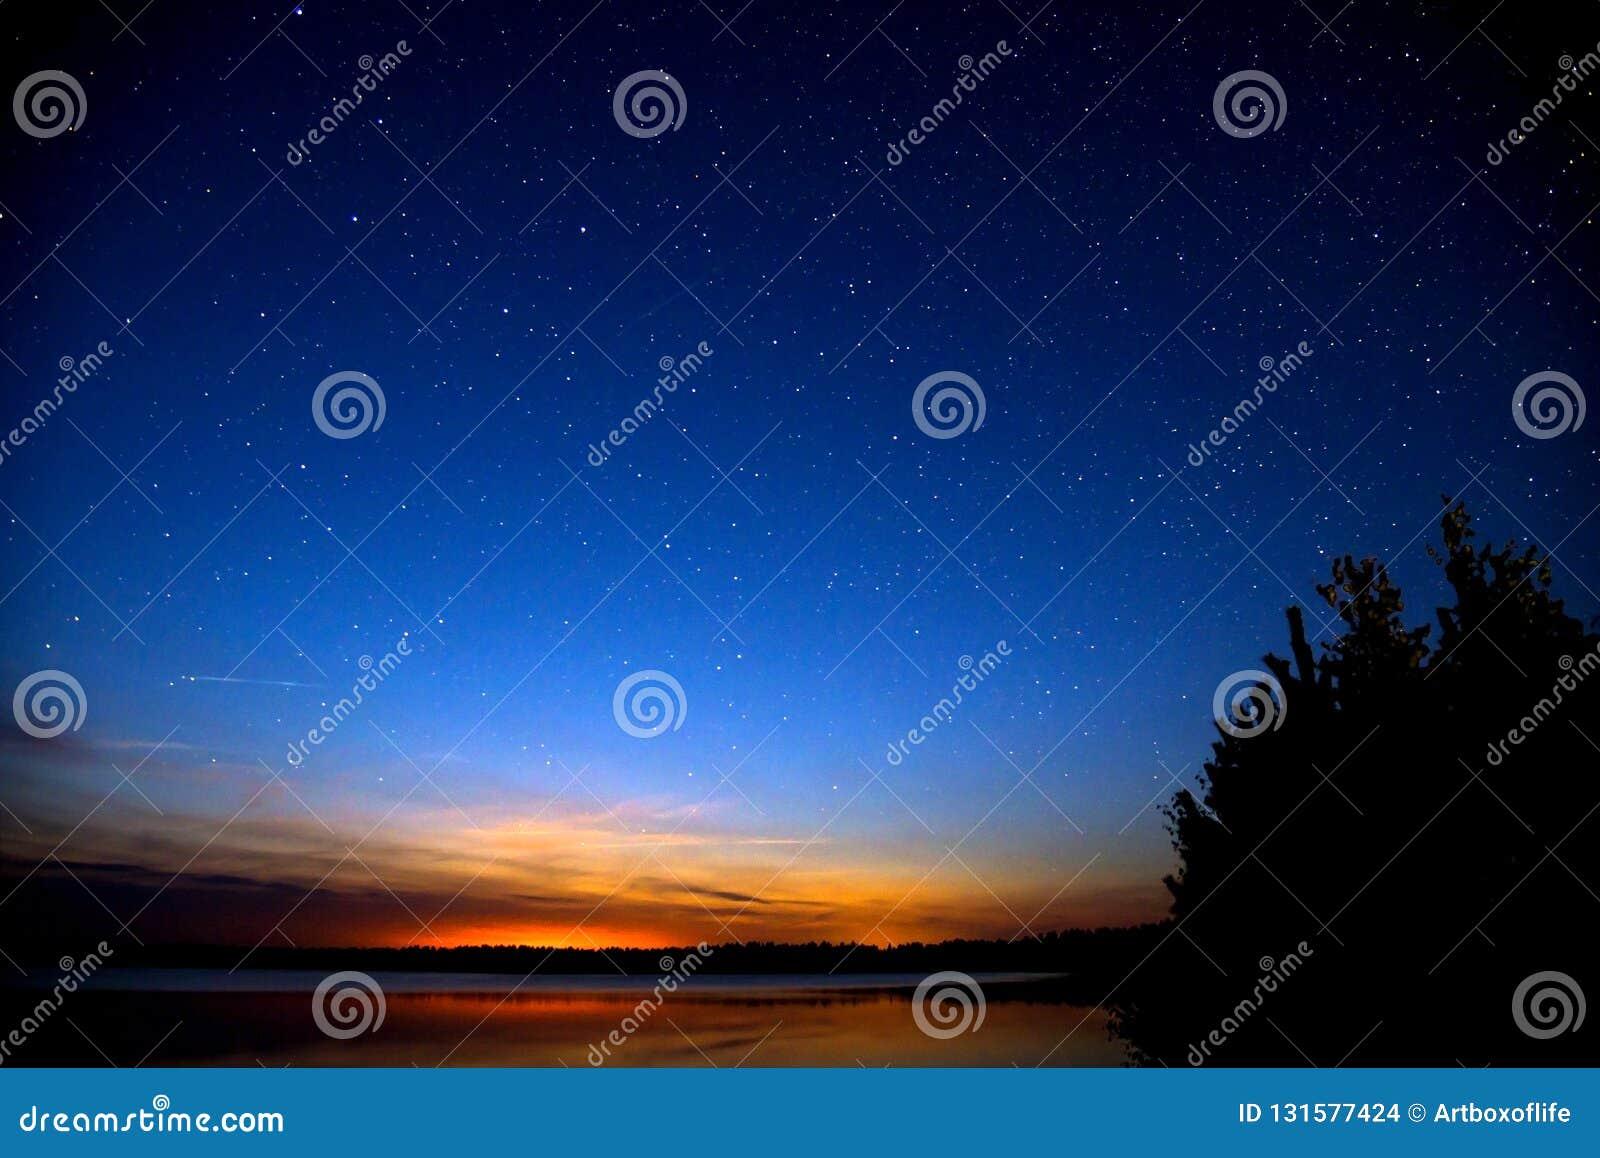 Cielo colorido que sorprende después de la puesta del sol por el río Puesta del sol y cielo nocturno con muchas estrellas